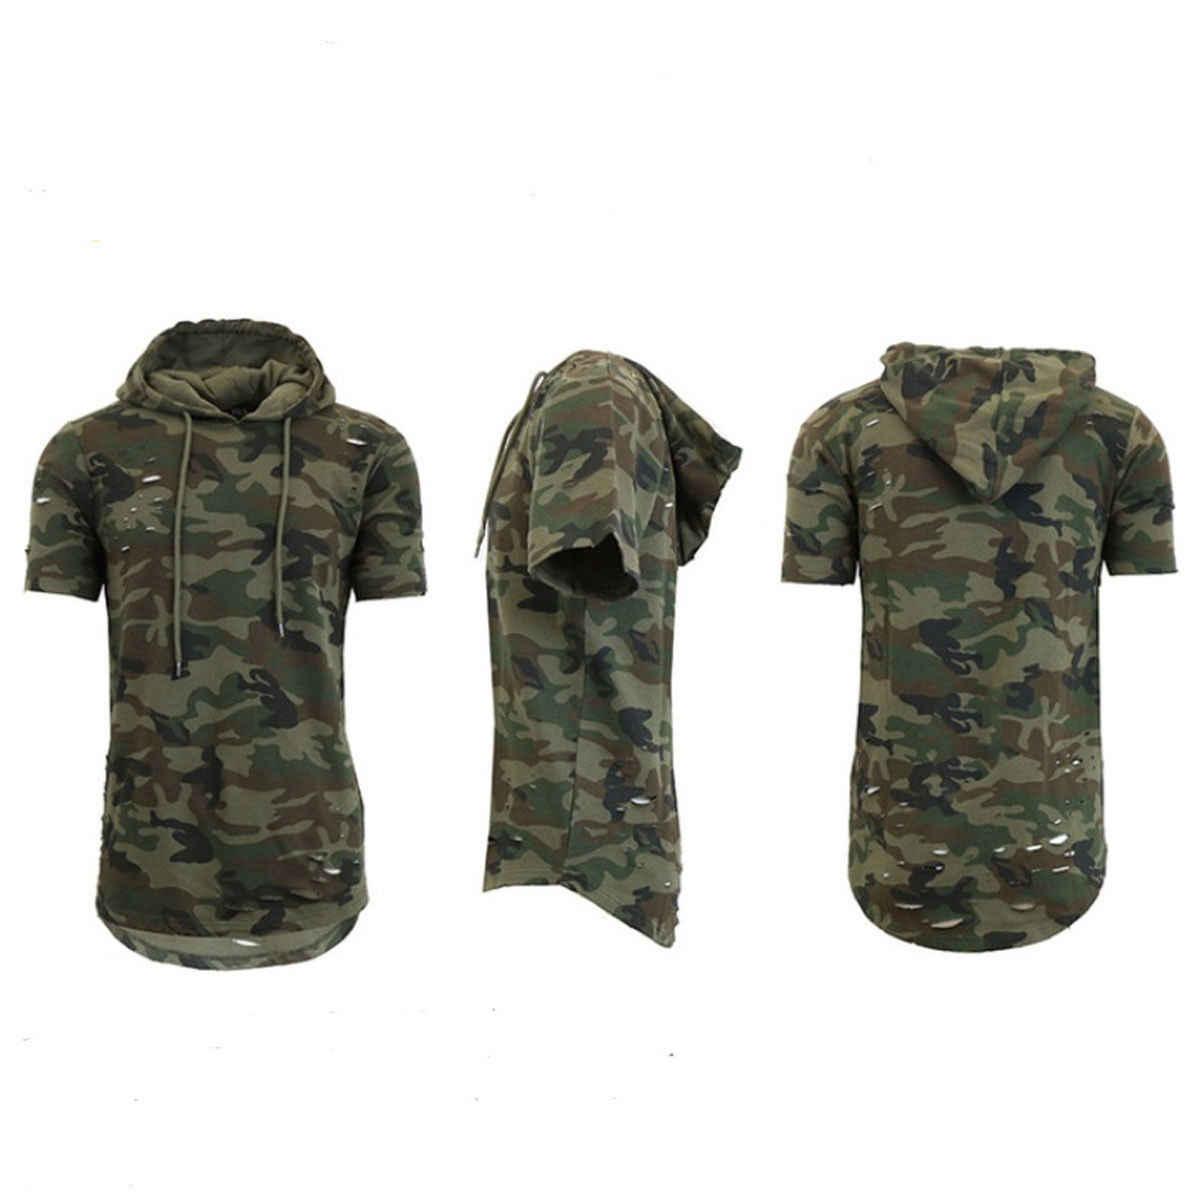 2018 짧은 소매 후드 티 패션 슬림 후드 티 셔츠 남성 힙합 까마귀 남성 랩퍼 조끼 탑 camisa masculina clothes